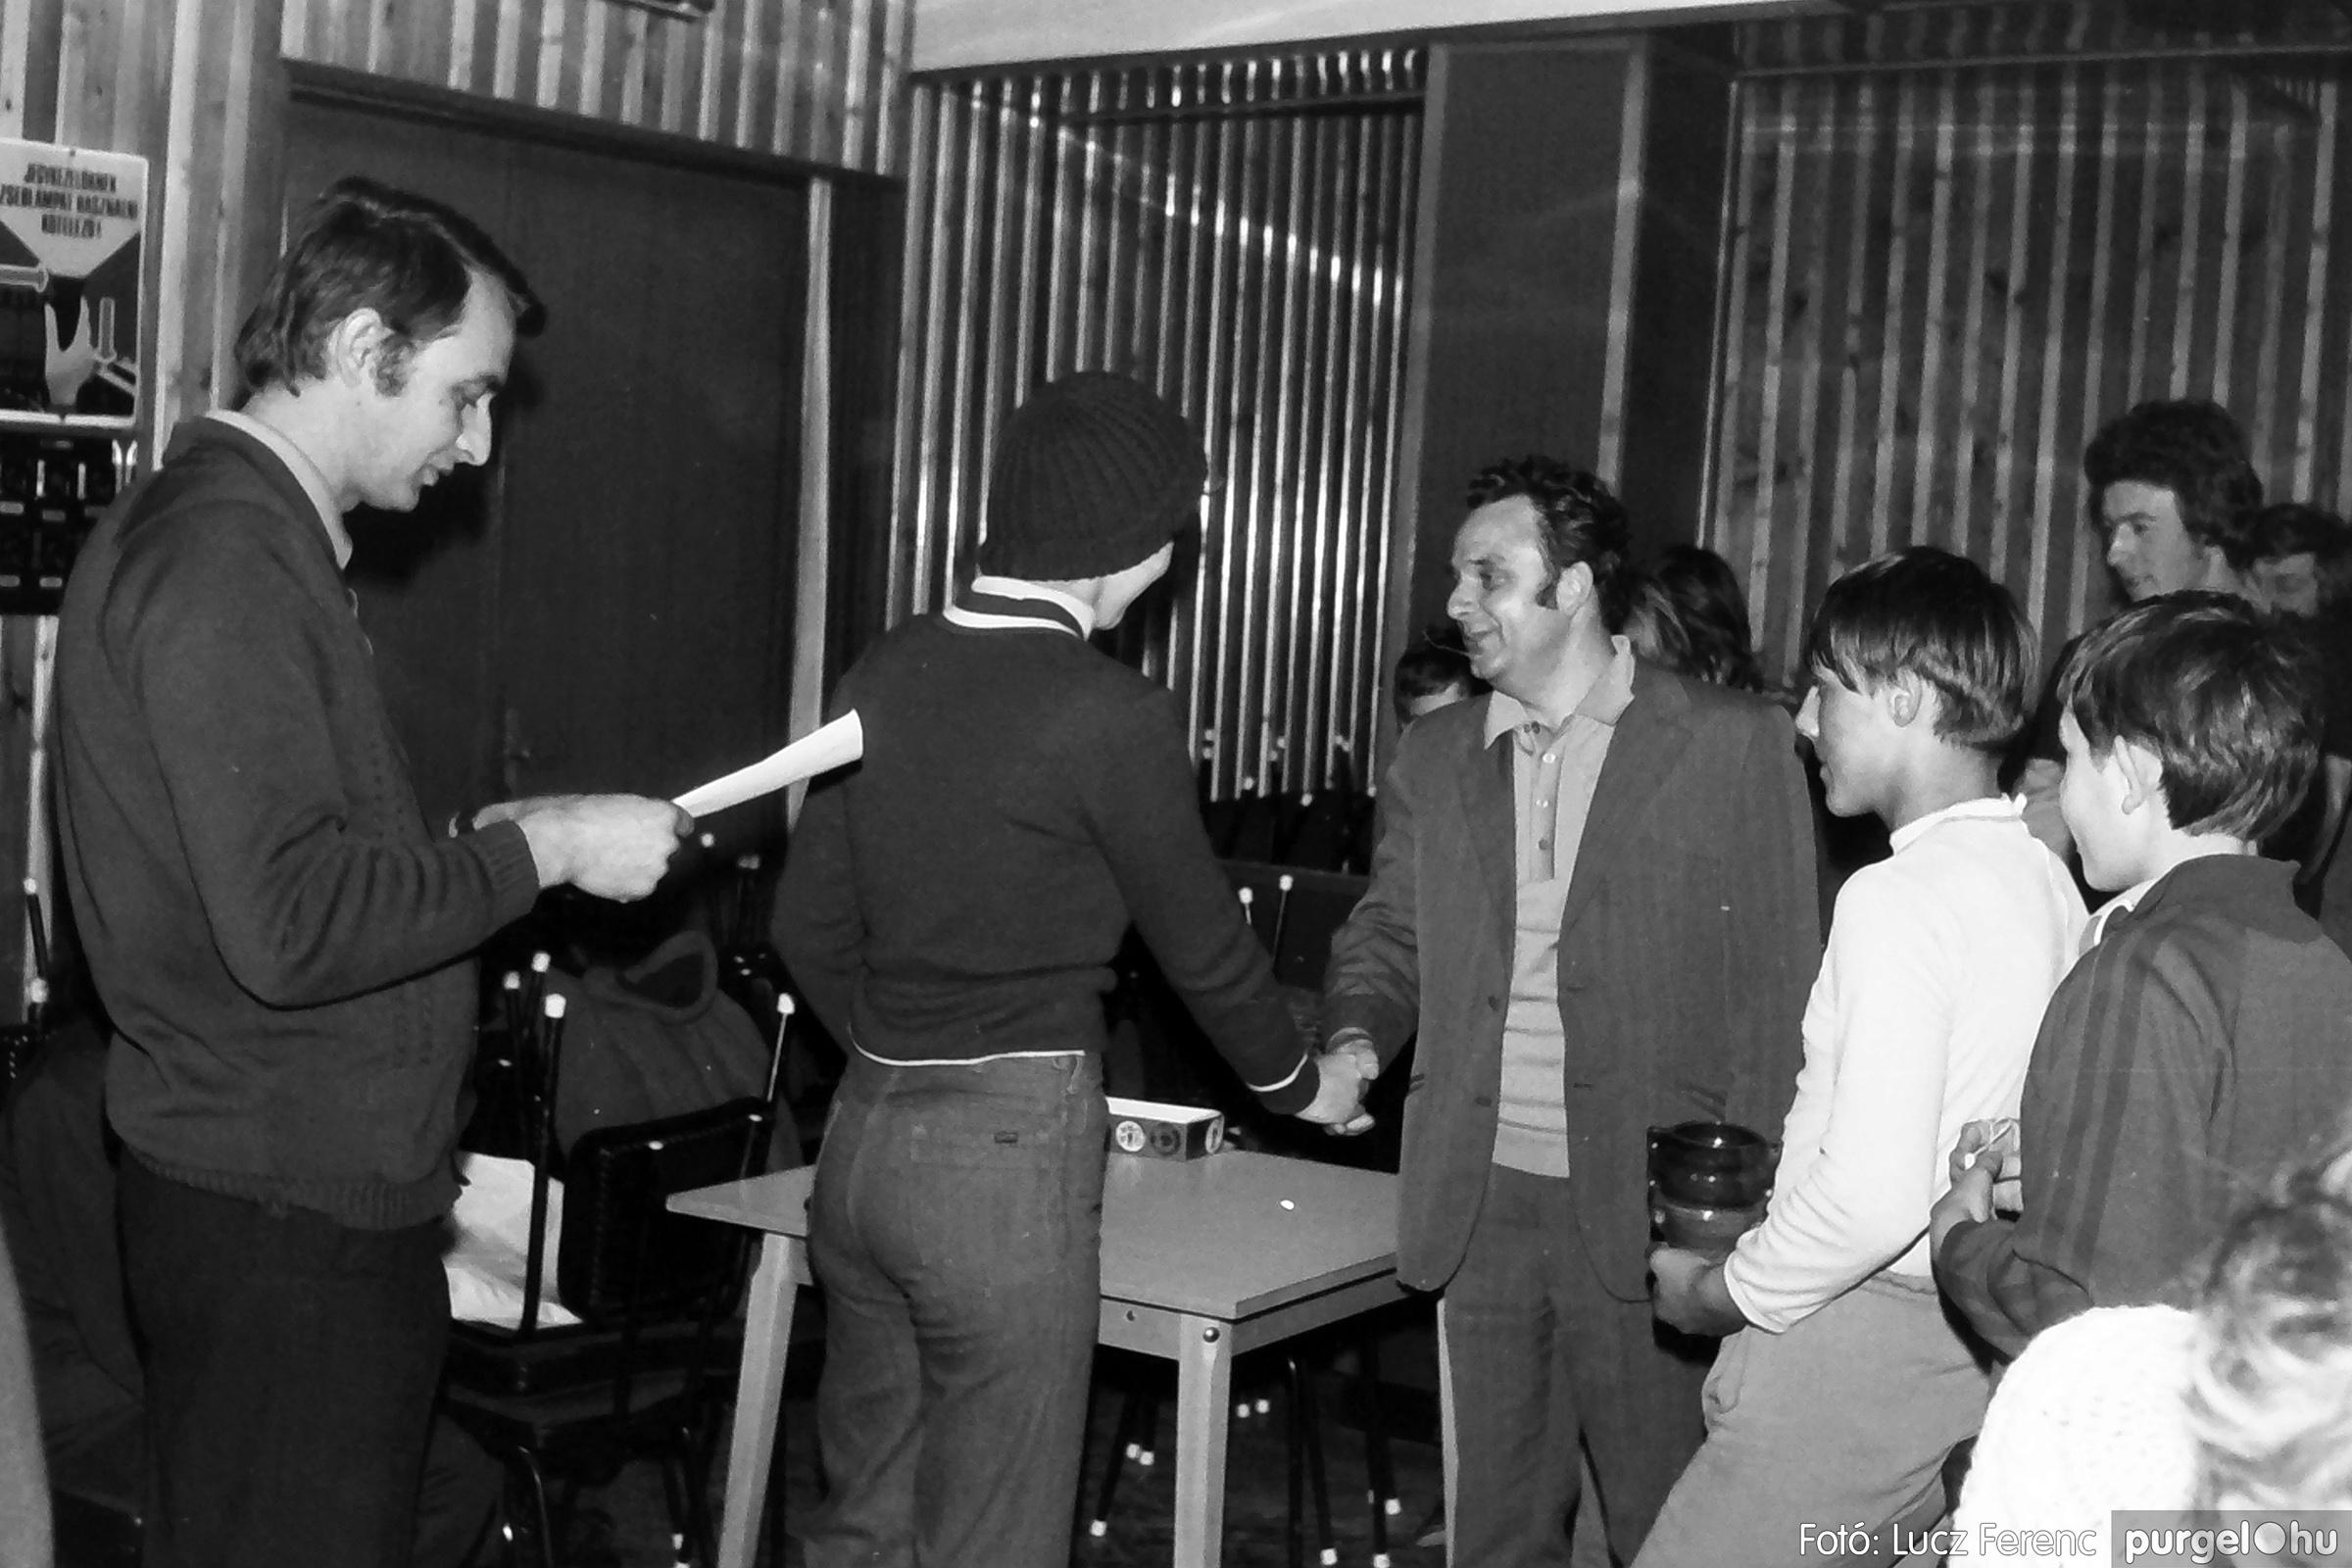 073. 1977. Asztaltenisz verseny 022. - Fotó: Lucz Ferenc.jpg